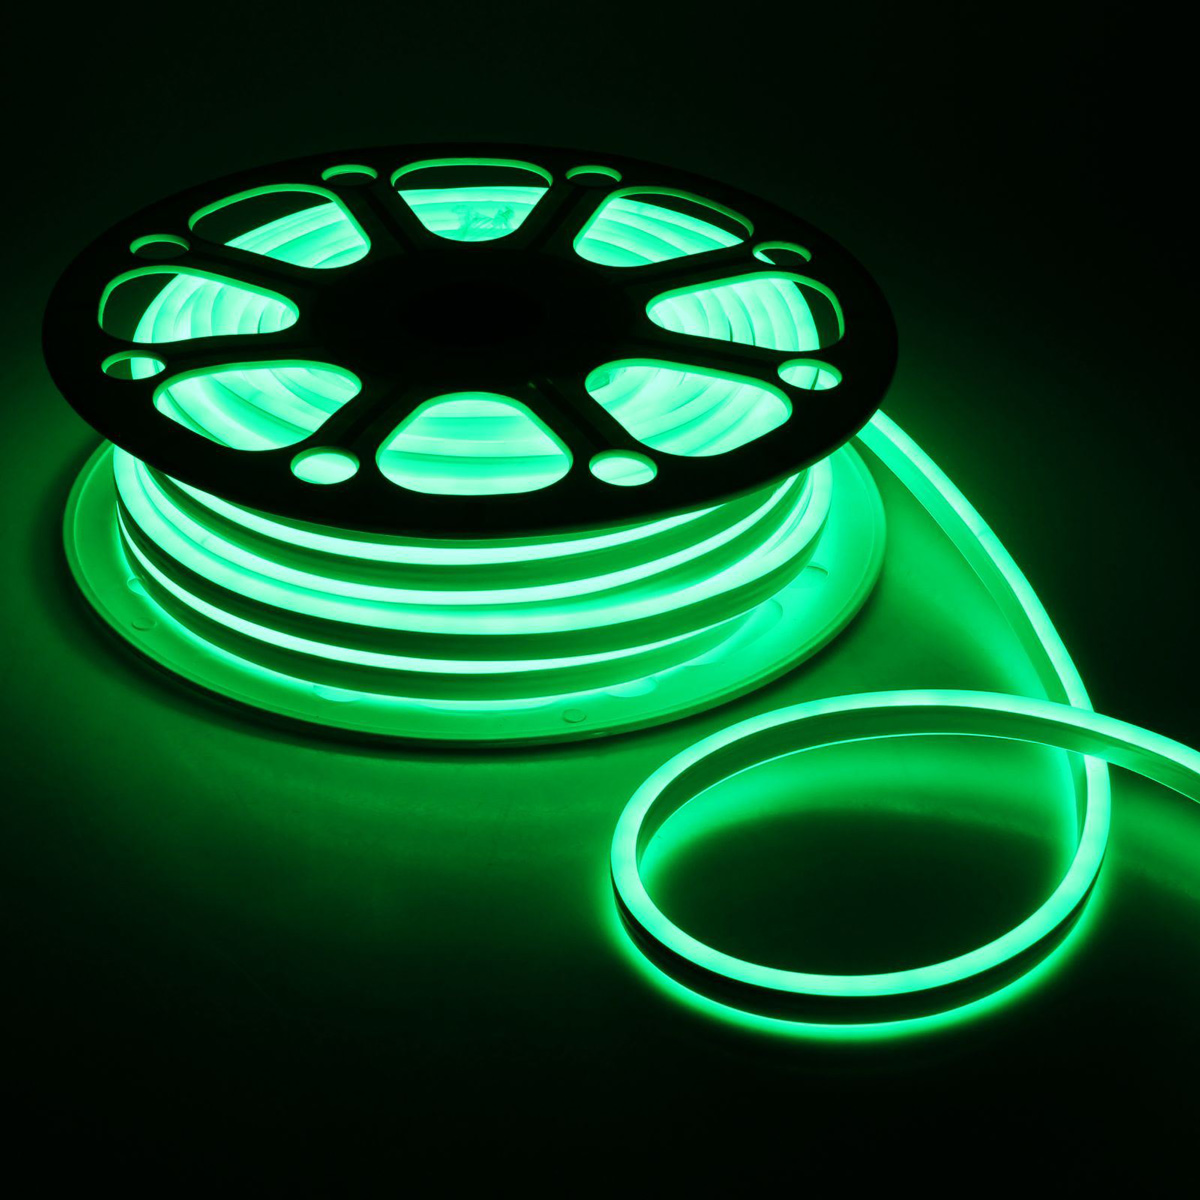 Гирлянда светодиодная Luazon, 120 ламп, 220 V, цвет: зеленый, 0,8 см х 1,8 см х 25 м. 14312801431280Светодиодные гирлянды, ленты и т.д — это отличный вариант для новогоднего оформления интерьера или фасада. С их помощью помещение любого размера можно превратить в праздничный зал, а внешние элементы зданий, украшенные ими, мгновенно станут напоминать очертания сказочного дворца. Такие украшения создают ауру предвкушения чуда. Деревья, фасады, витрины, окна и арки будто специально созданы, чтобы вы украсили их светящимися нитями.